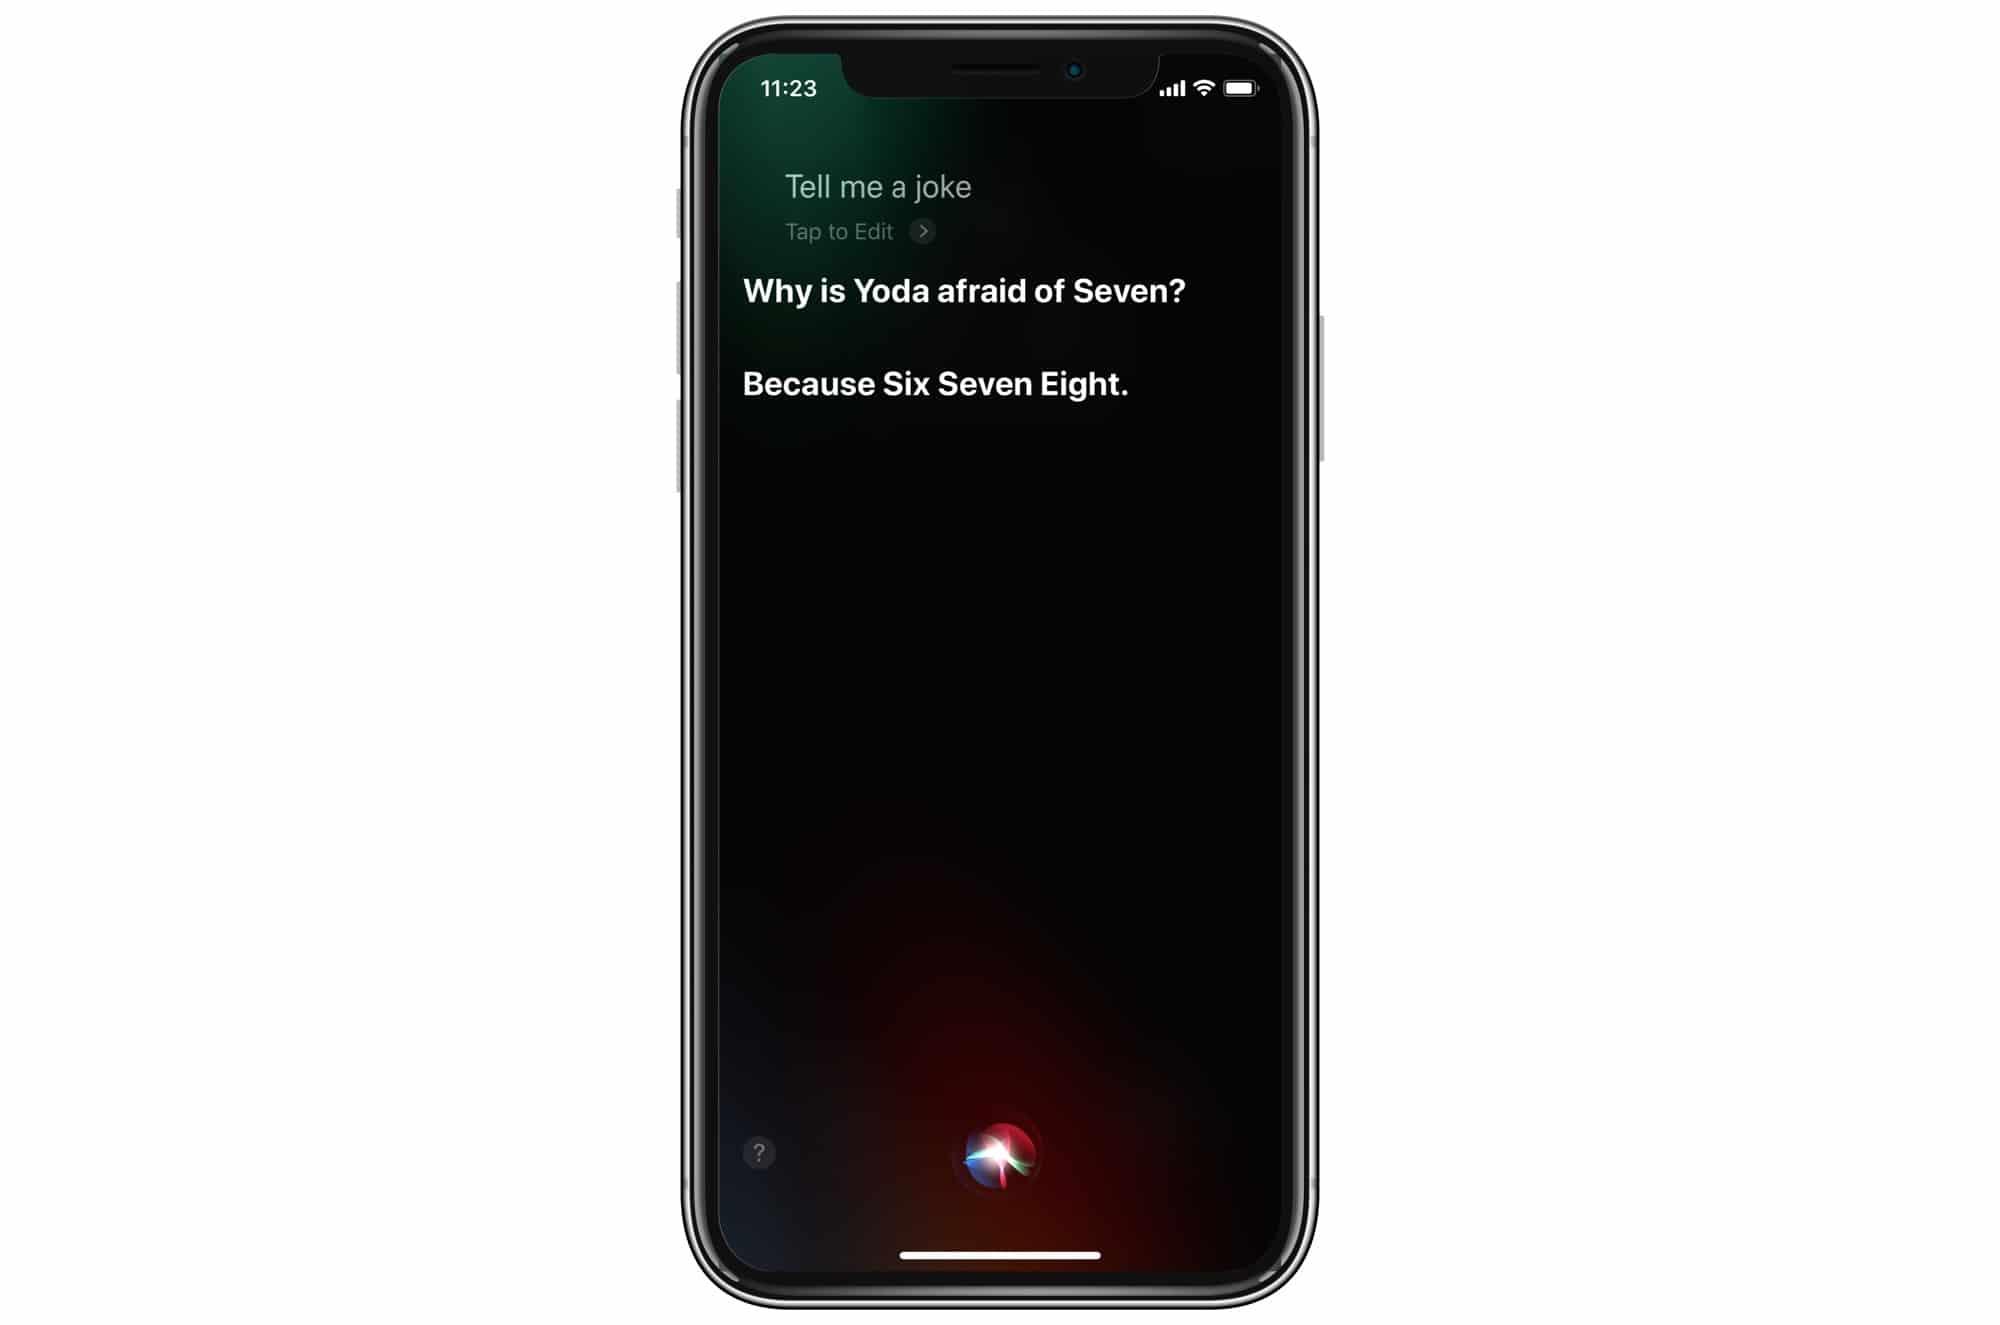 I said tell me a joke, Siri.